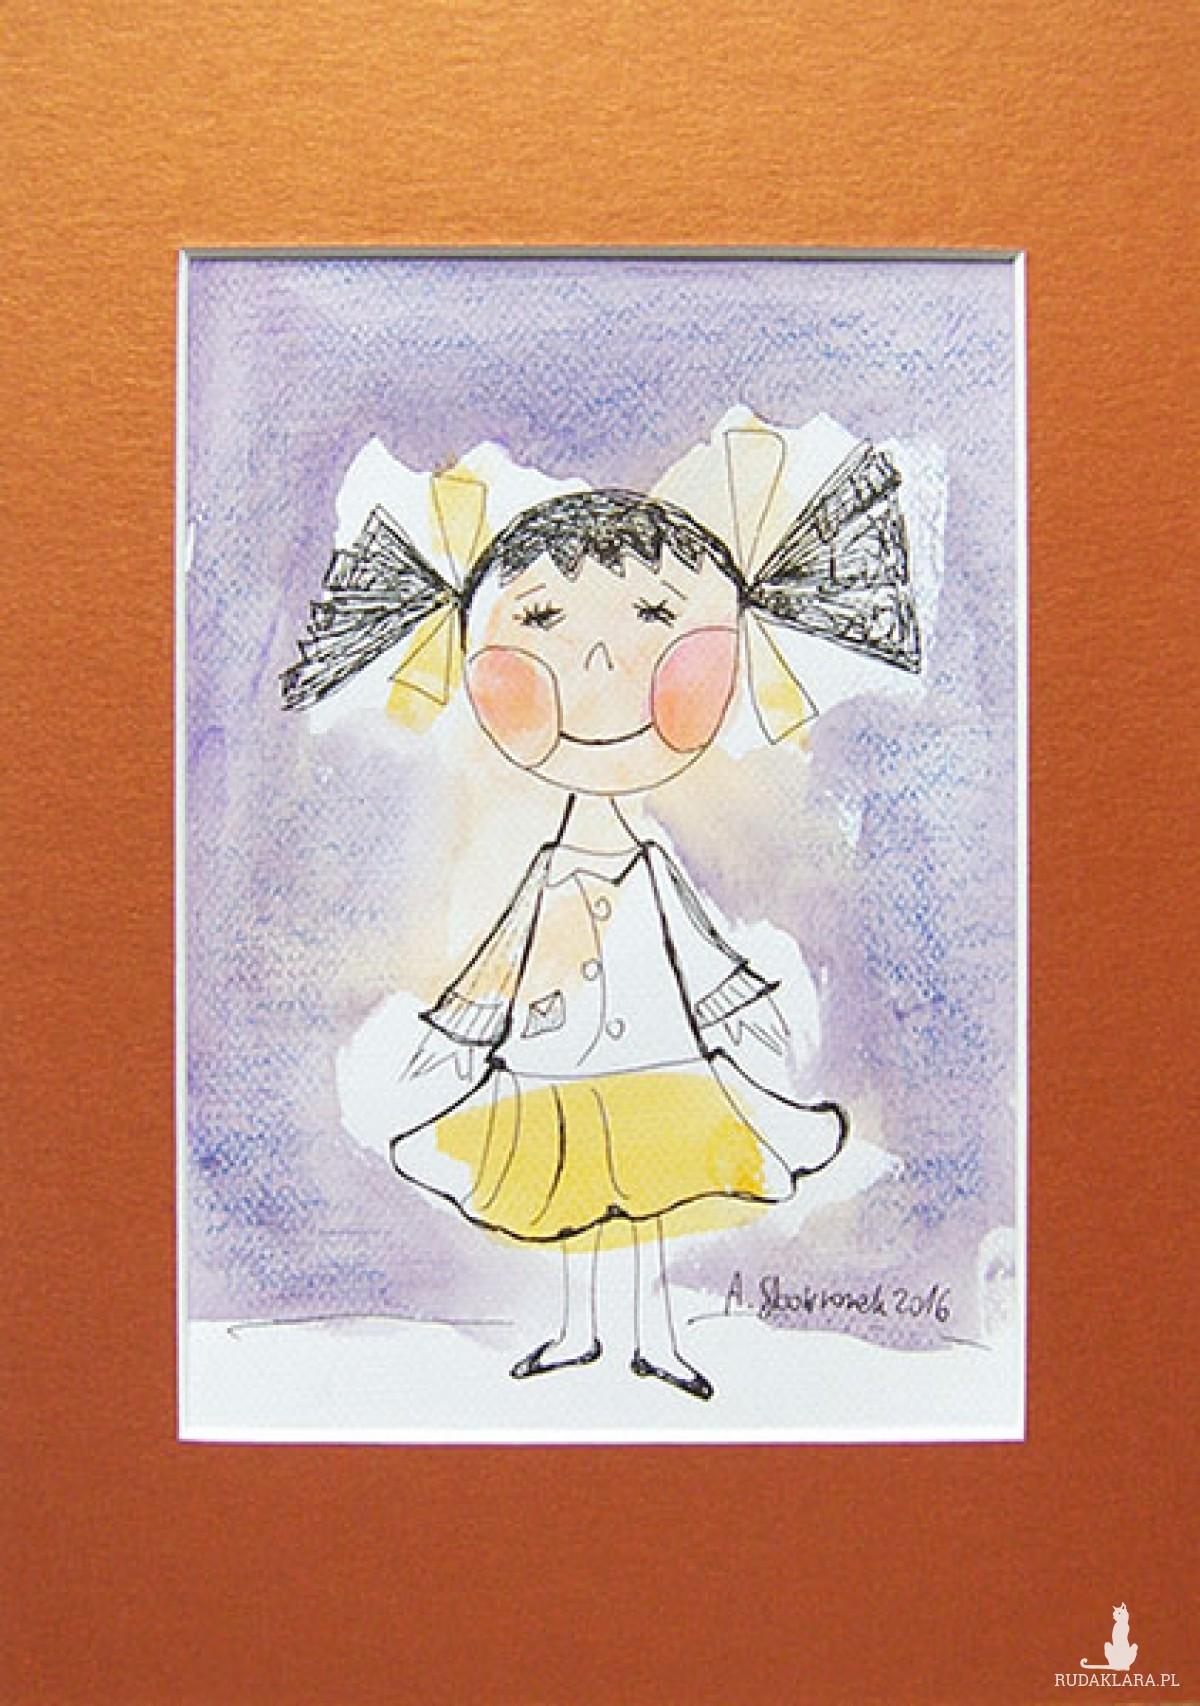 rysunek z dziewczynką, obrazek z dziewczynką, obrazek dla dziewczynki, ręcznie malowany obrazek